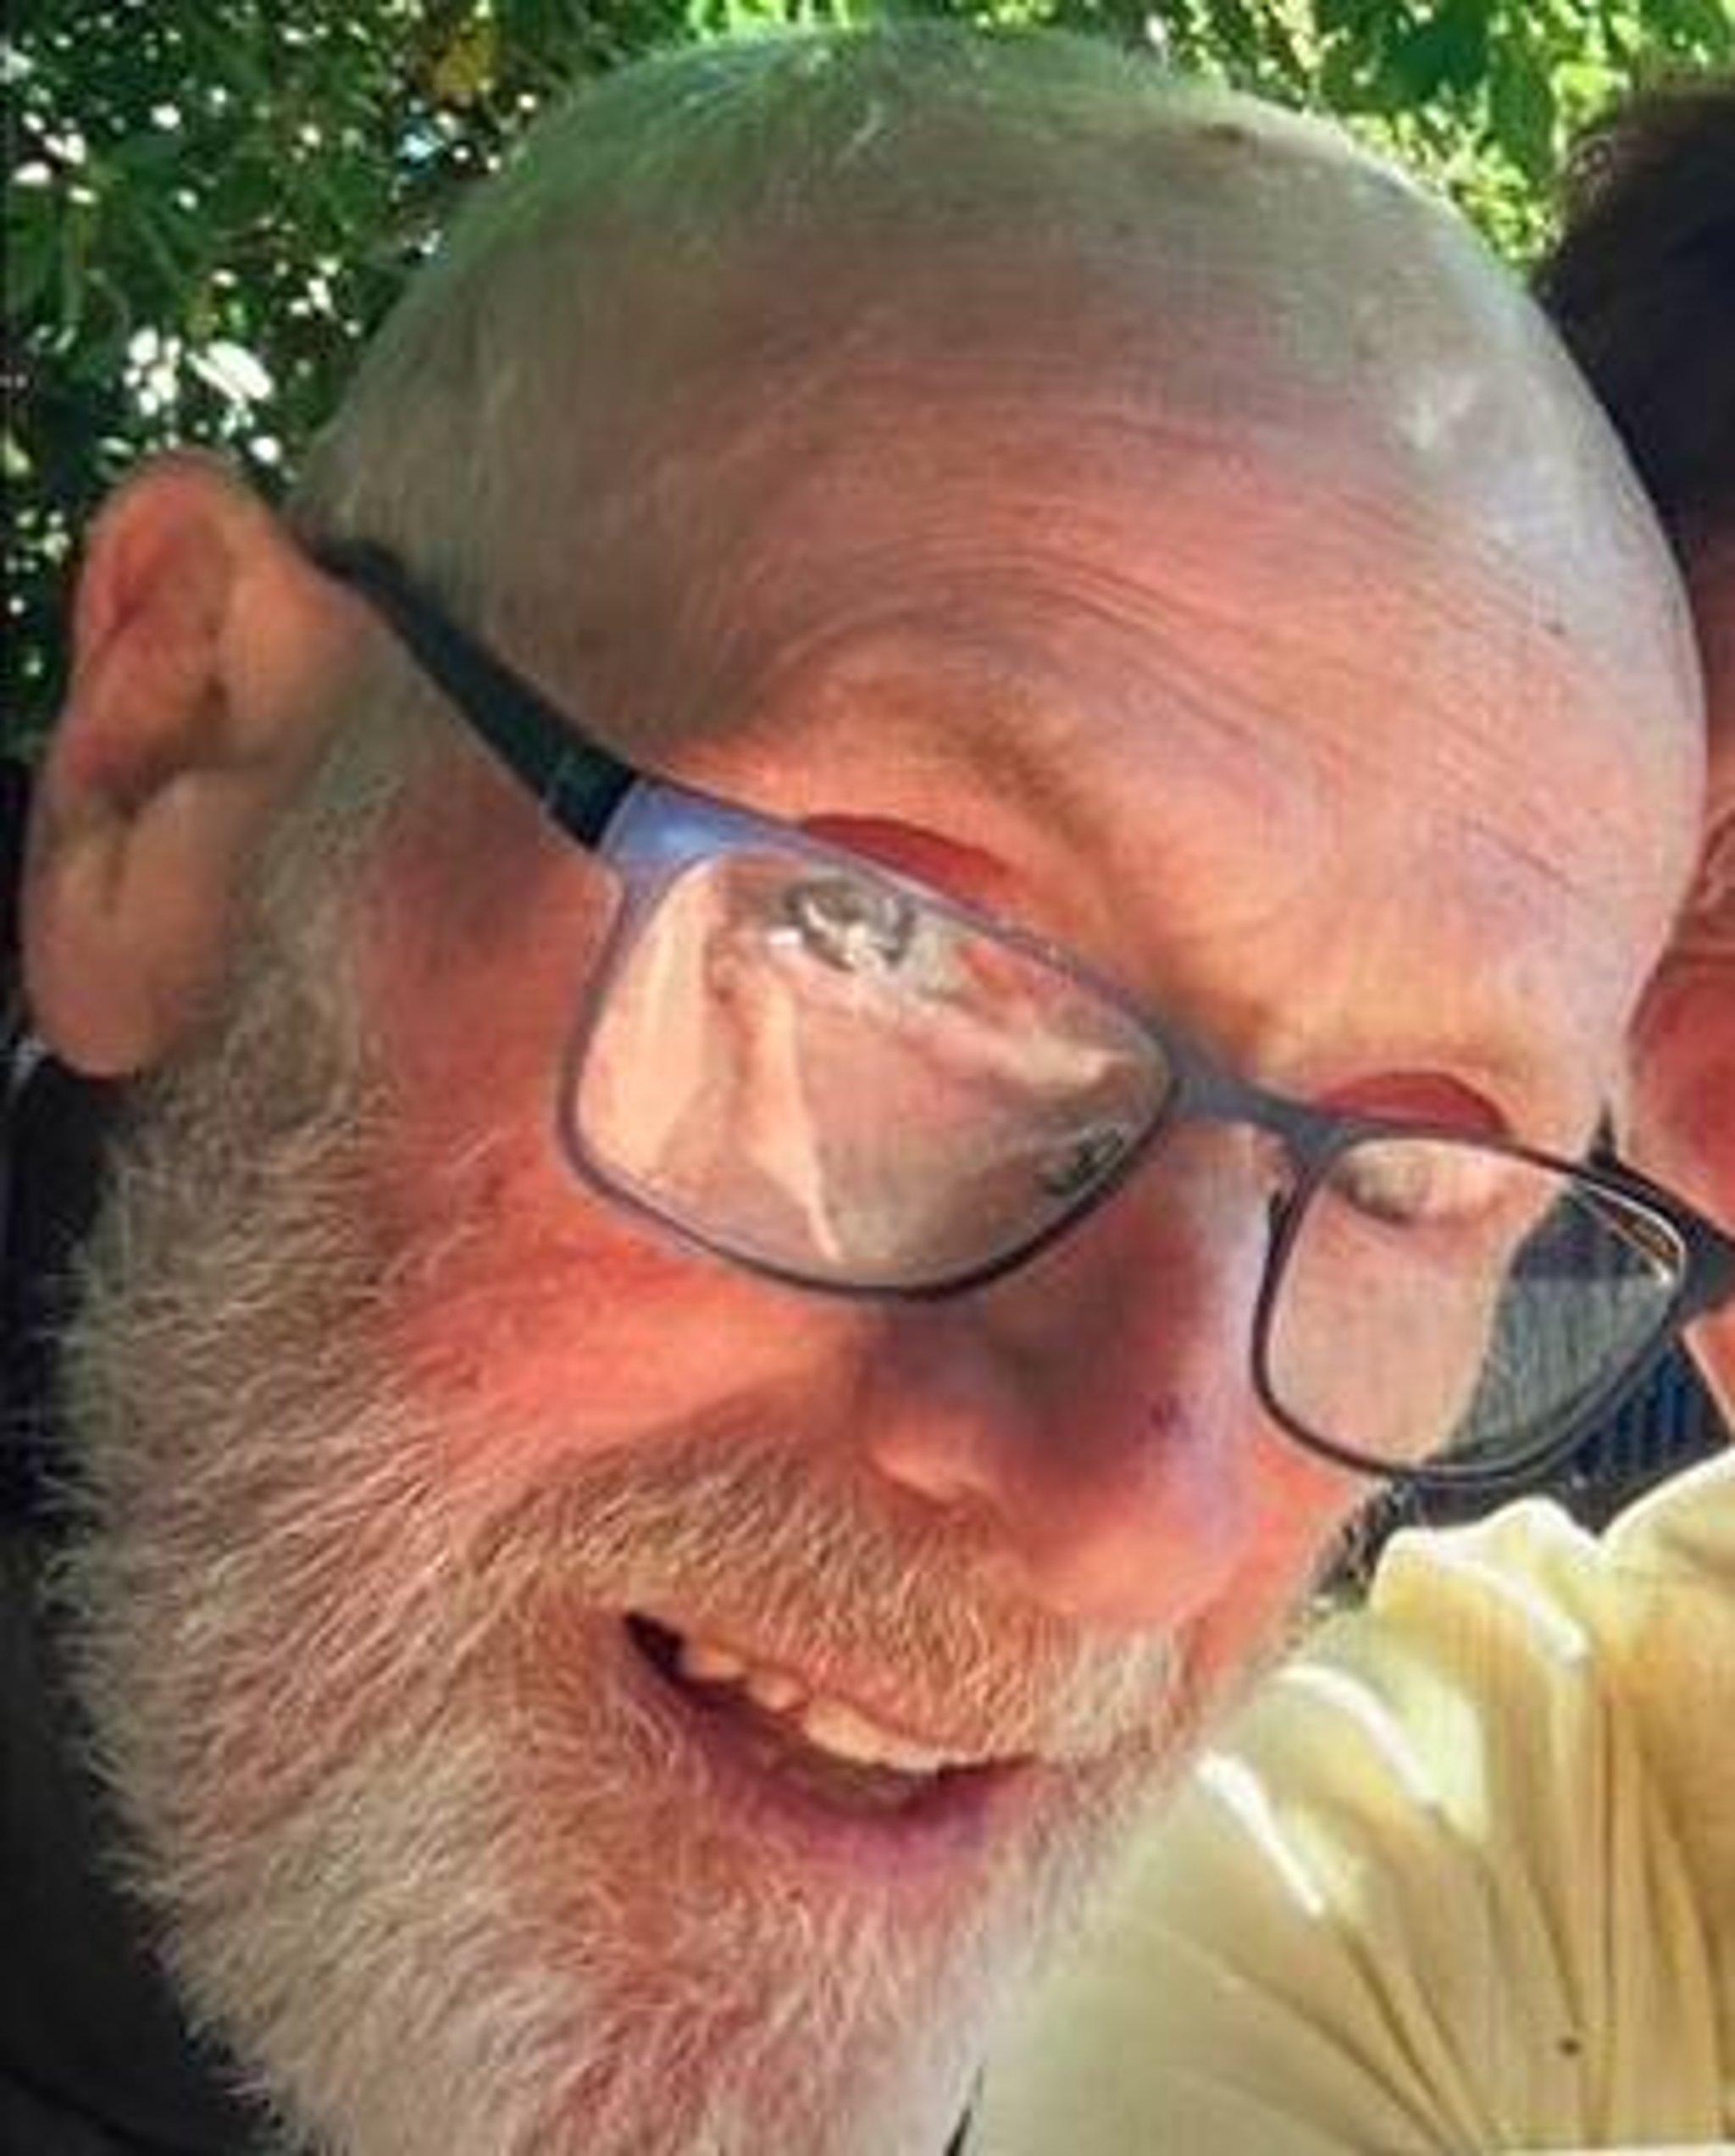 James Watson: Pensiunan yang hilang dilacak dengan aman dan baik, kata polisi